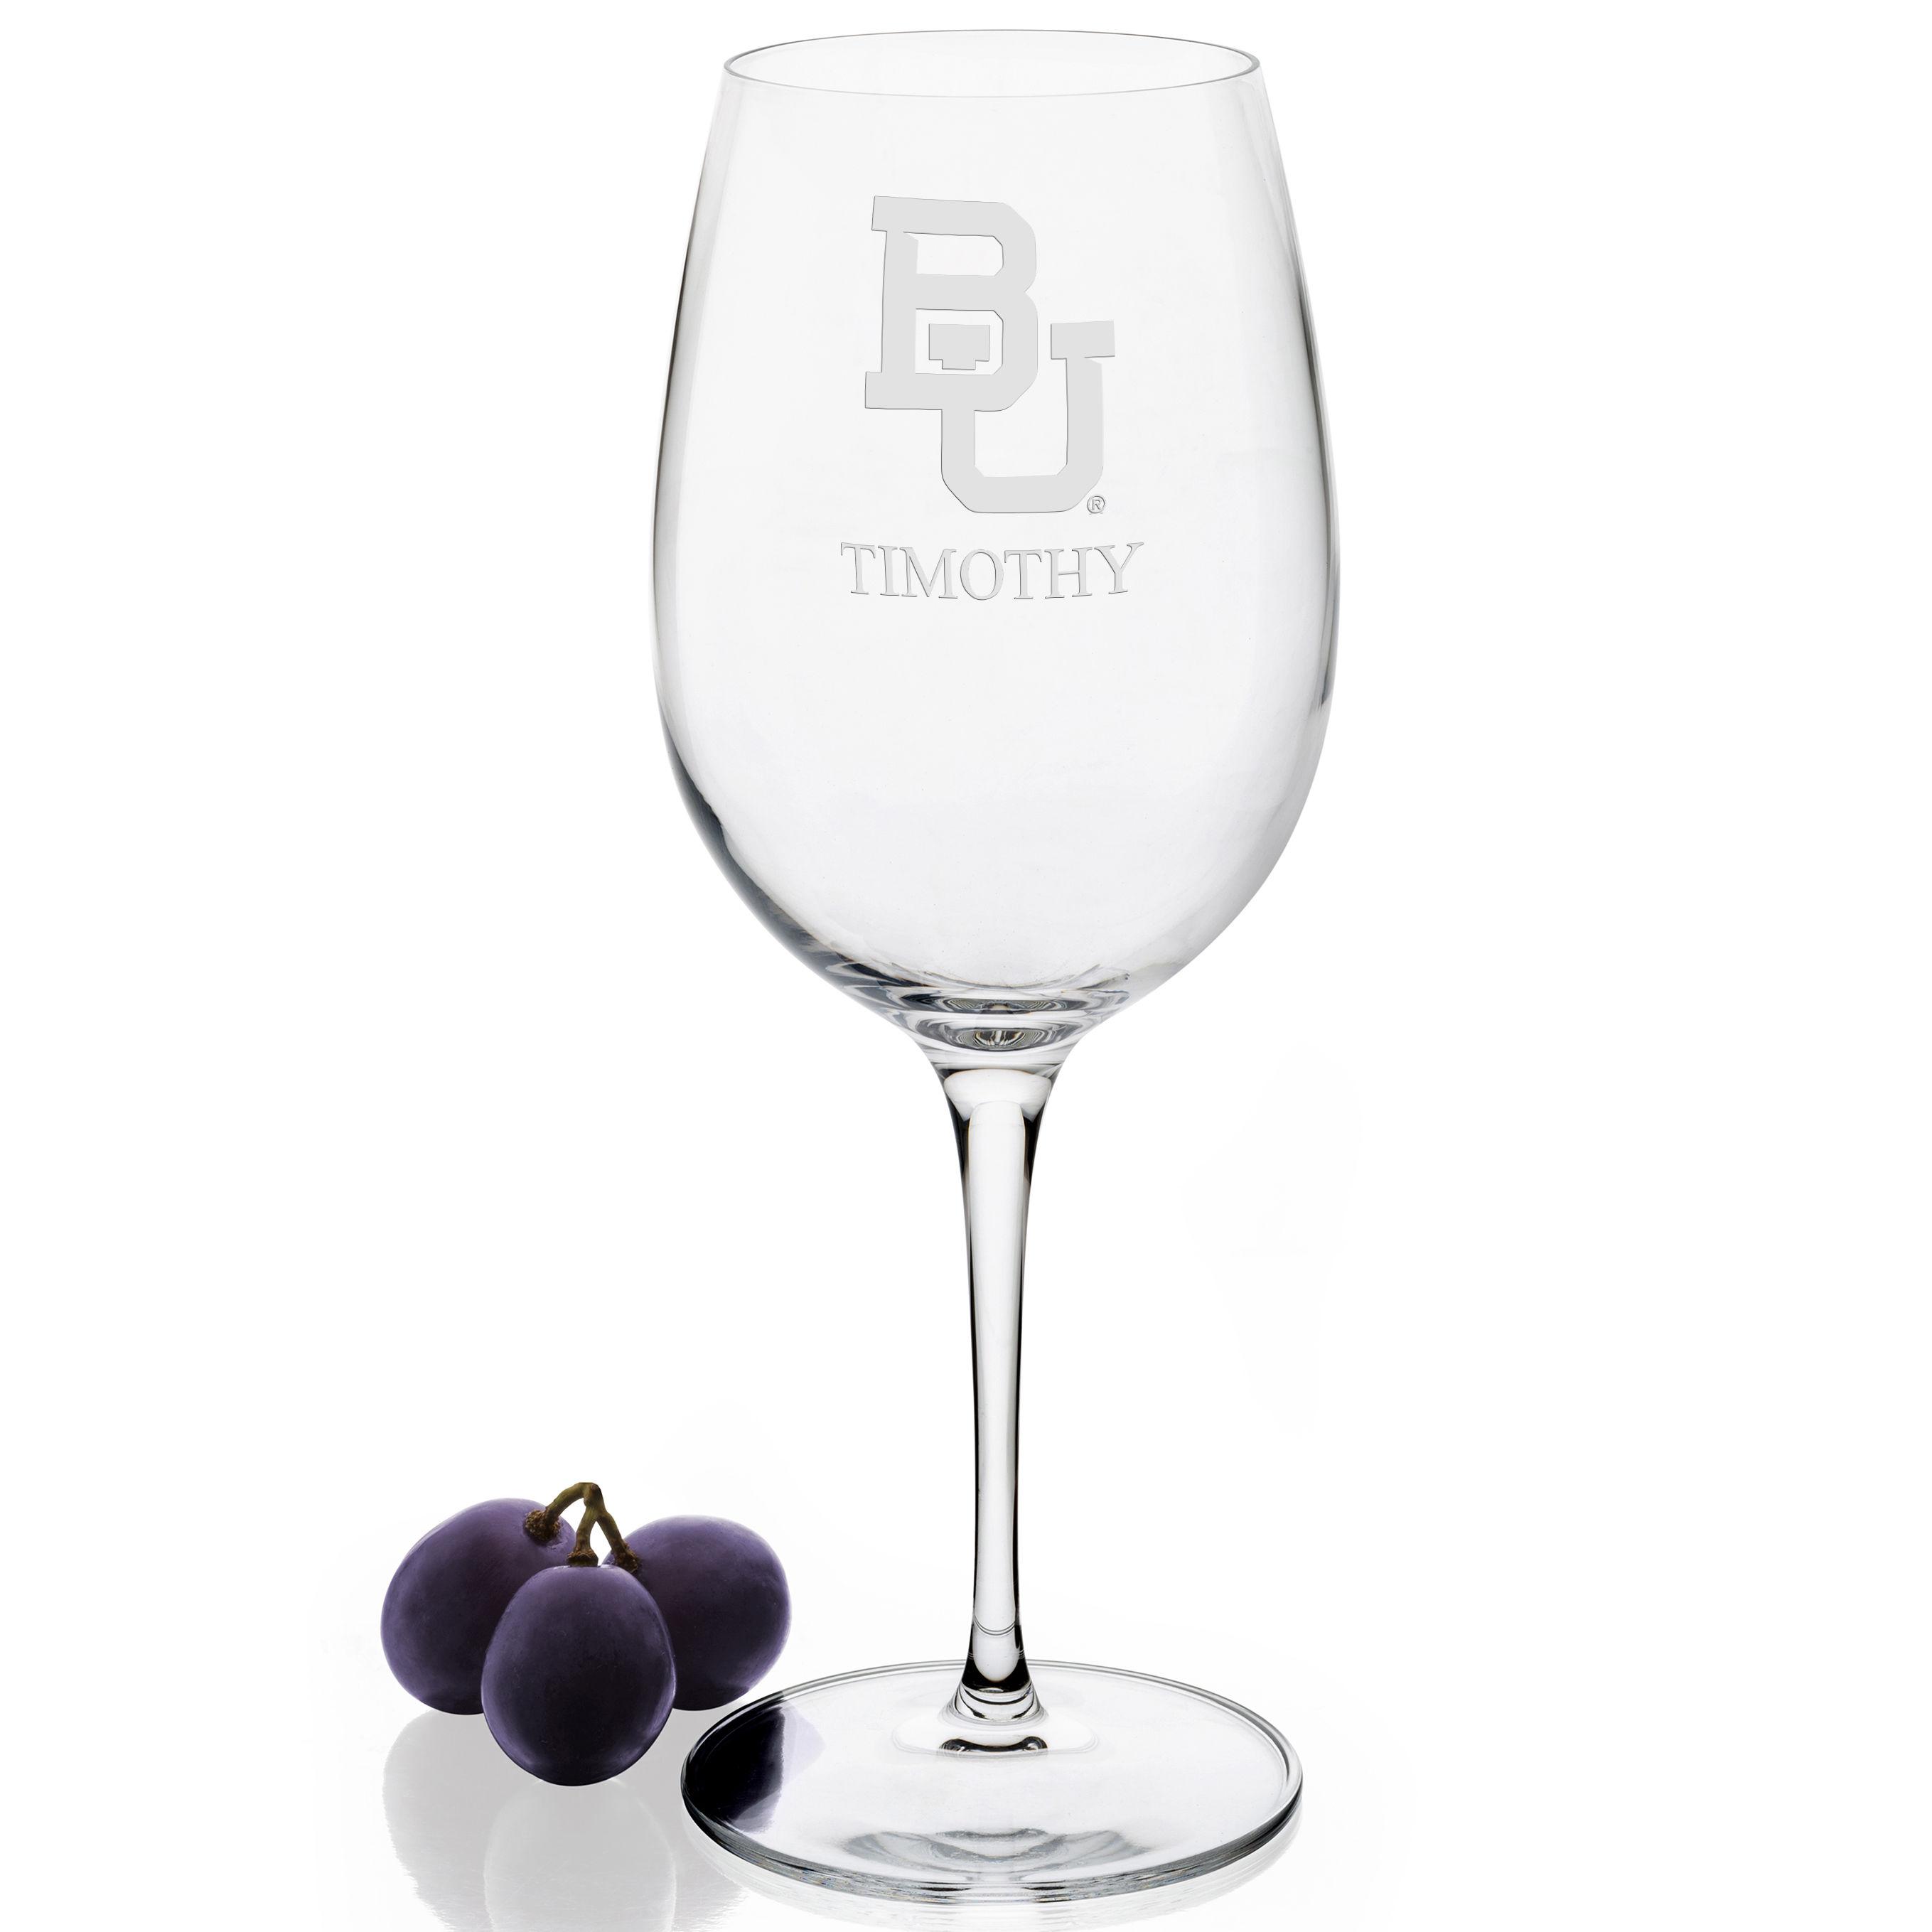 Baylor Stemmed Glasses - Set of 4